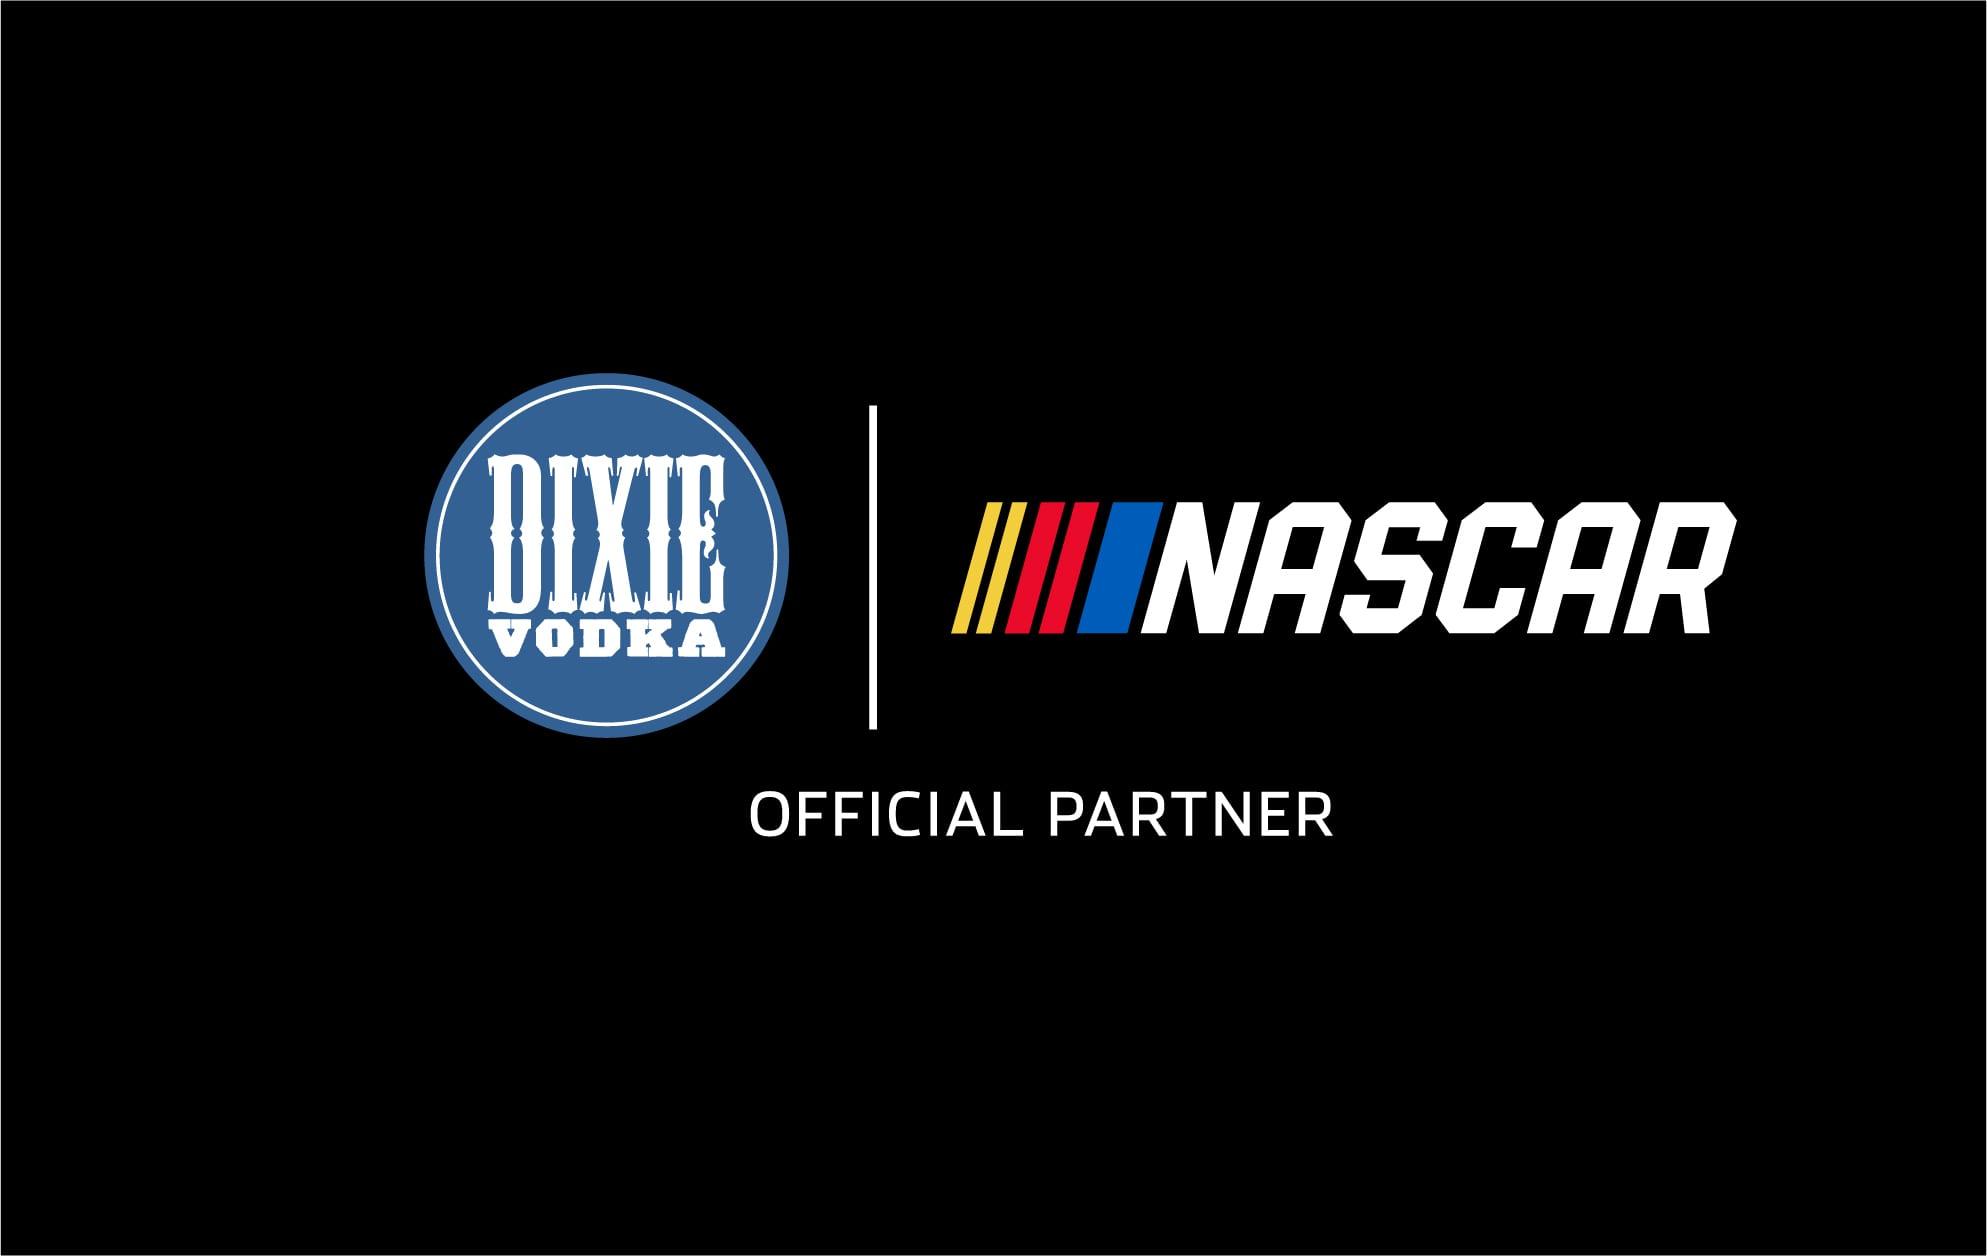 NASCAR, Dixie Vodka announce multi-year partnership – NASCAR